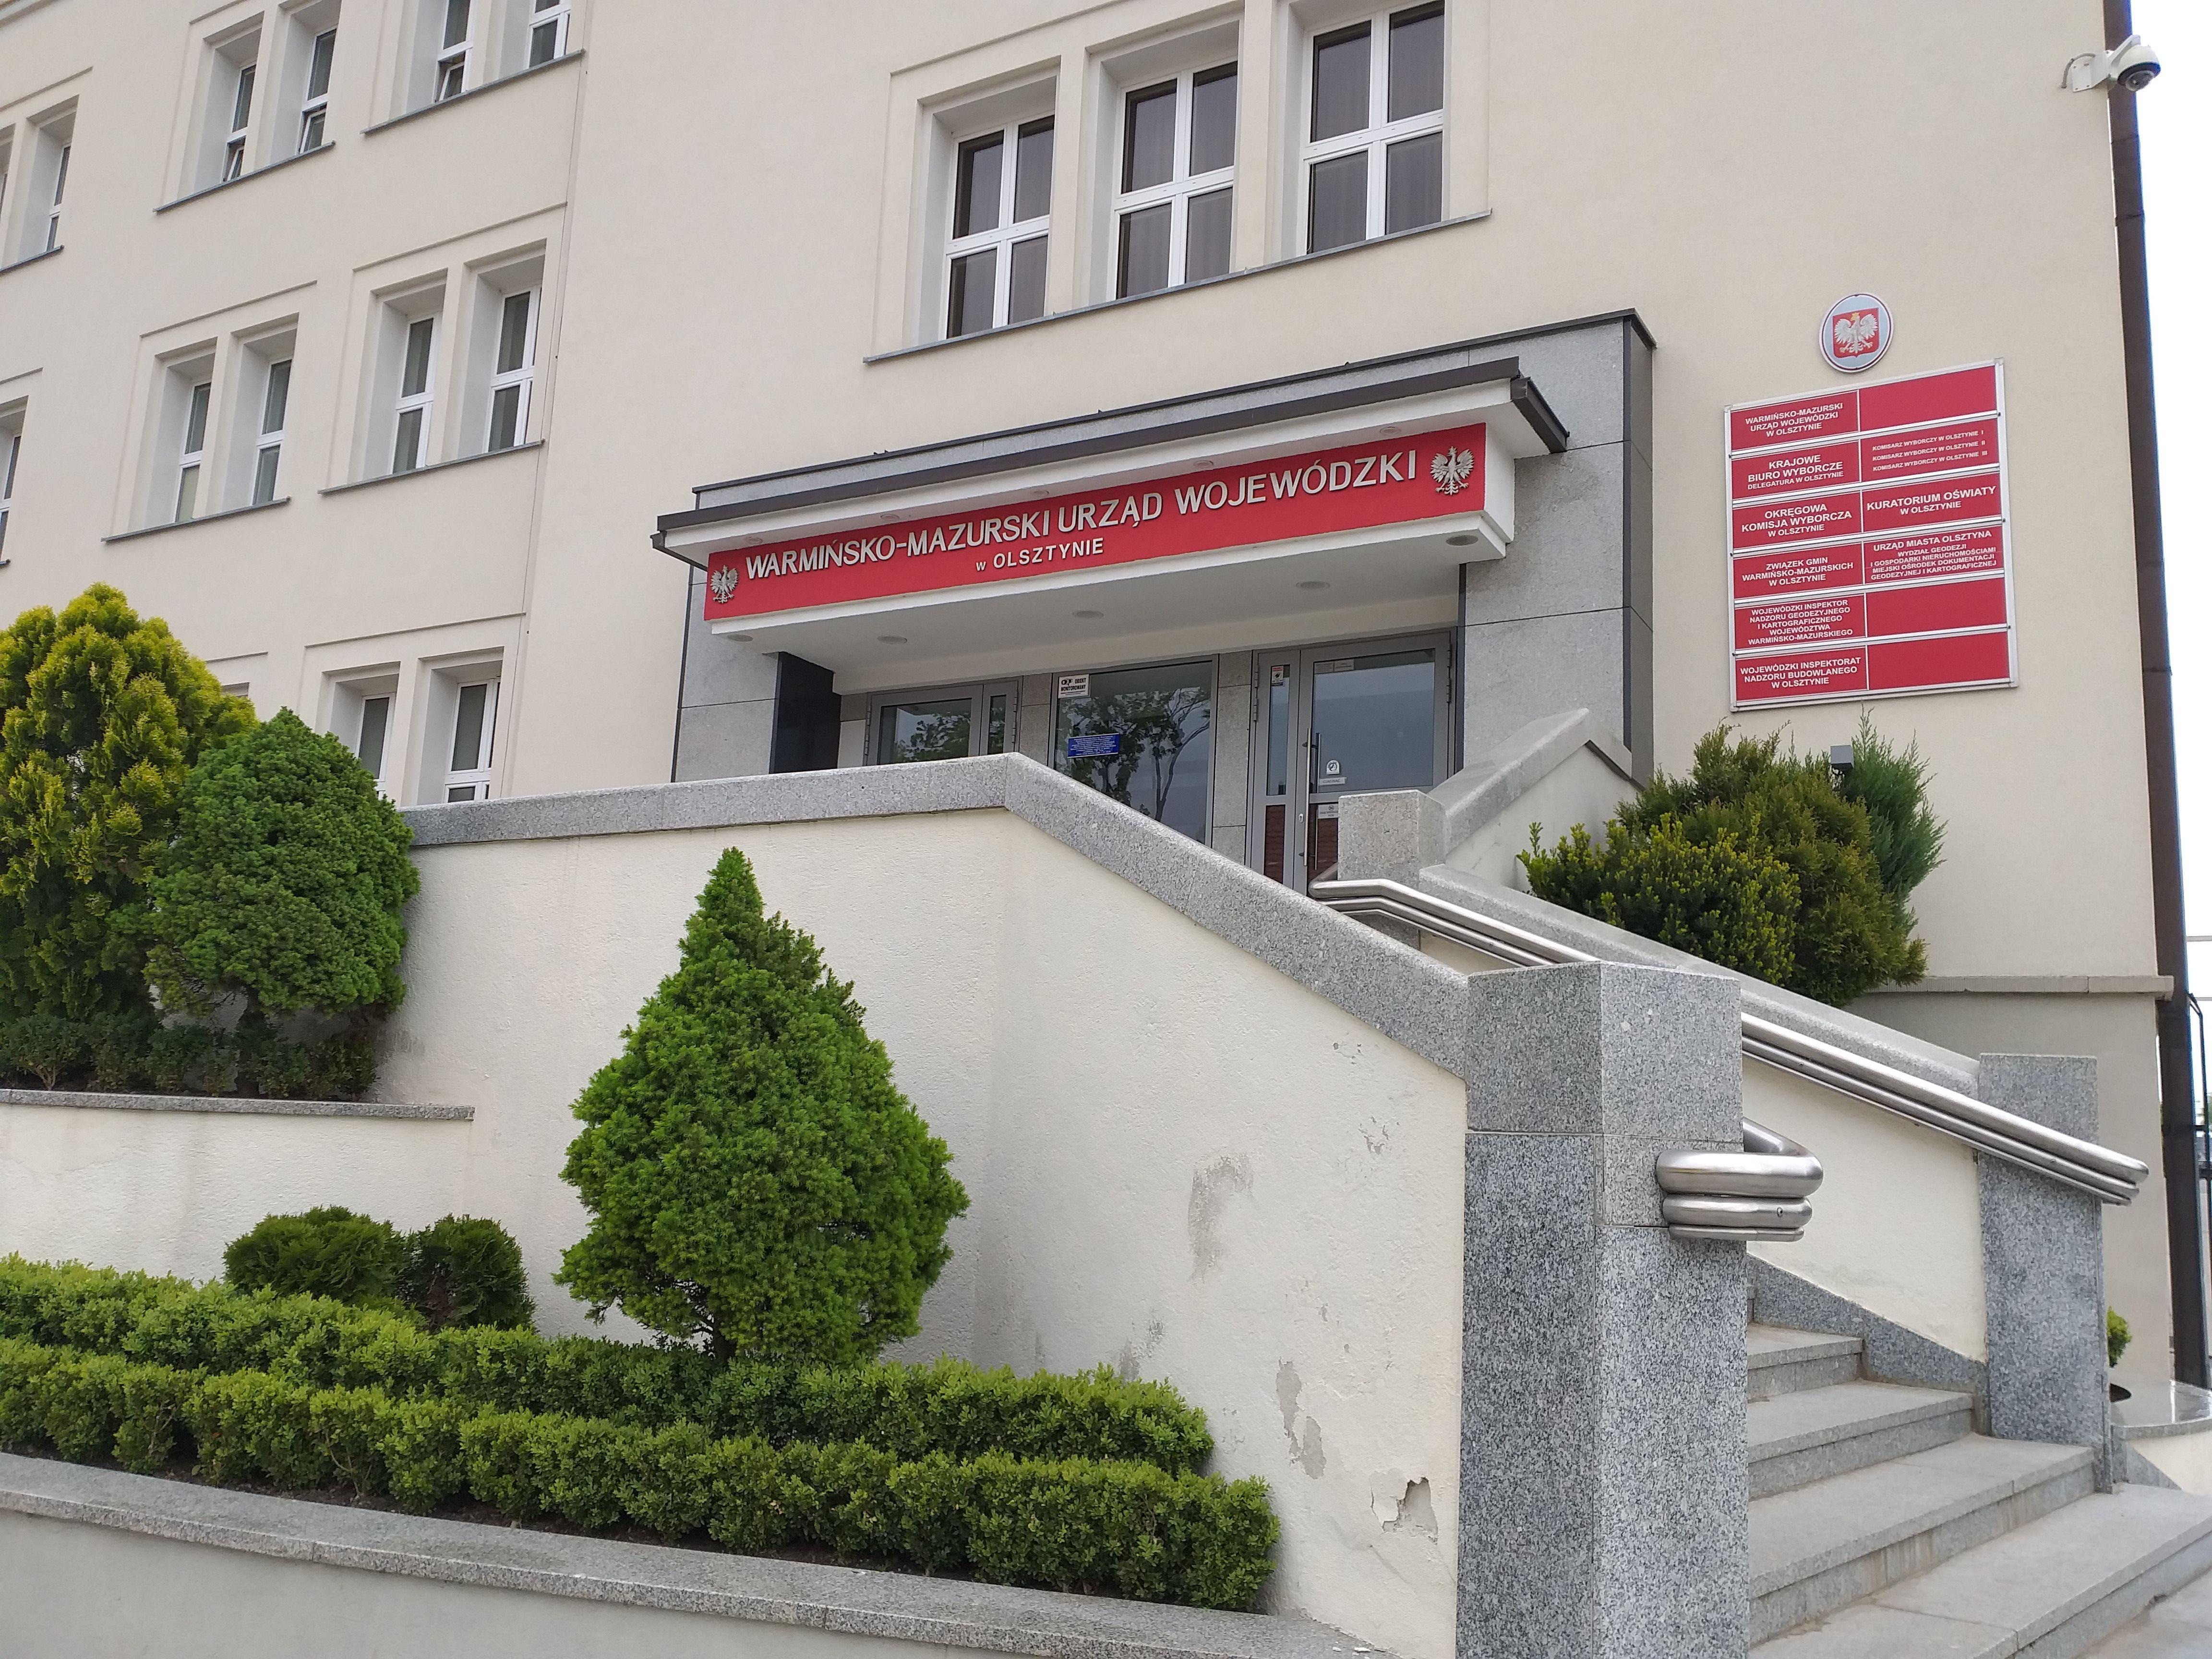 Zmiany w funkcjonowaniu Urzędu Wojewódzkiego